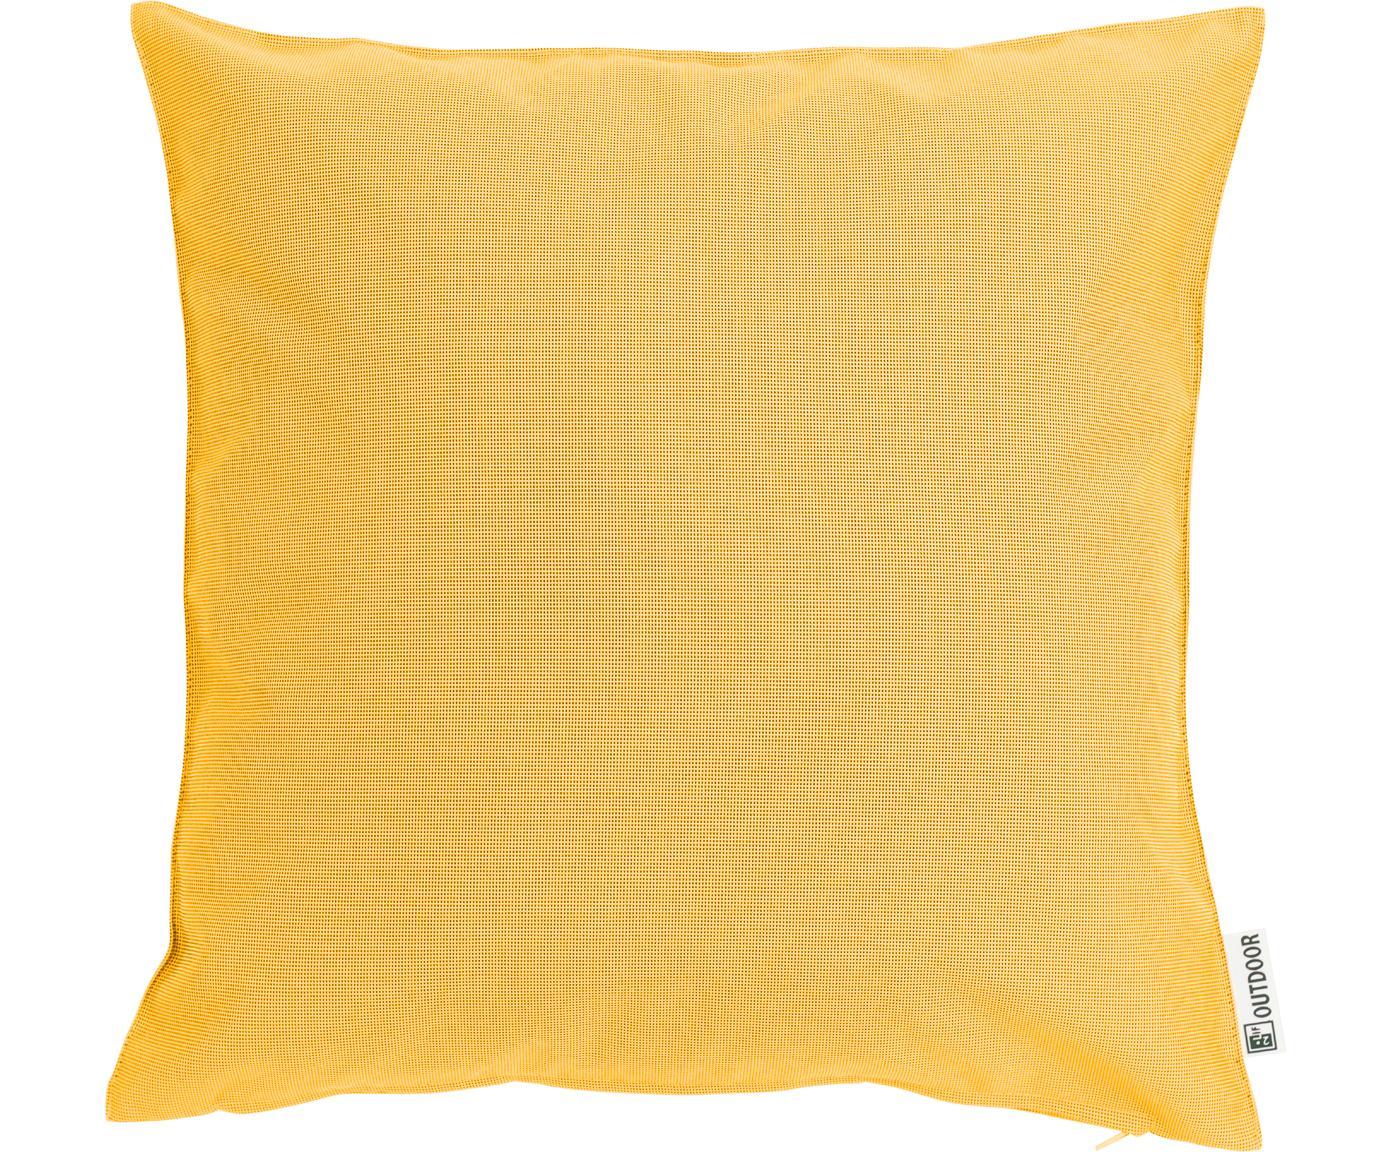 Zewnętrzna poduszka z wypełnieniem St. Maxime, Żółty, czarny, S 47 x D 47 cm